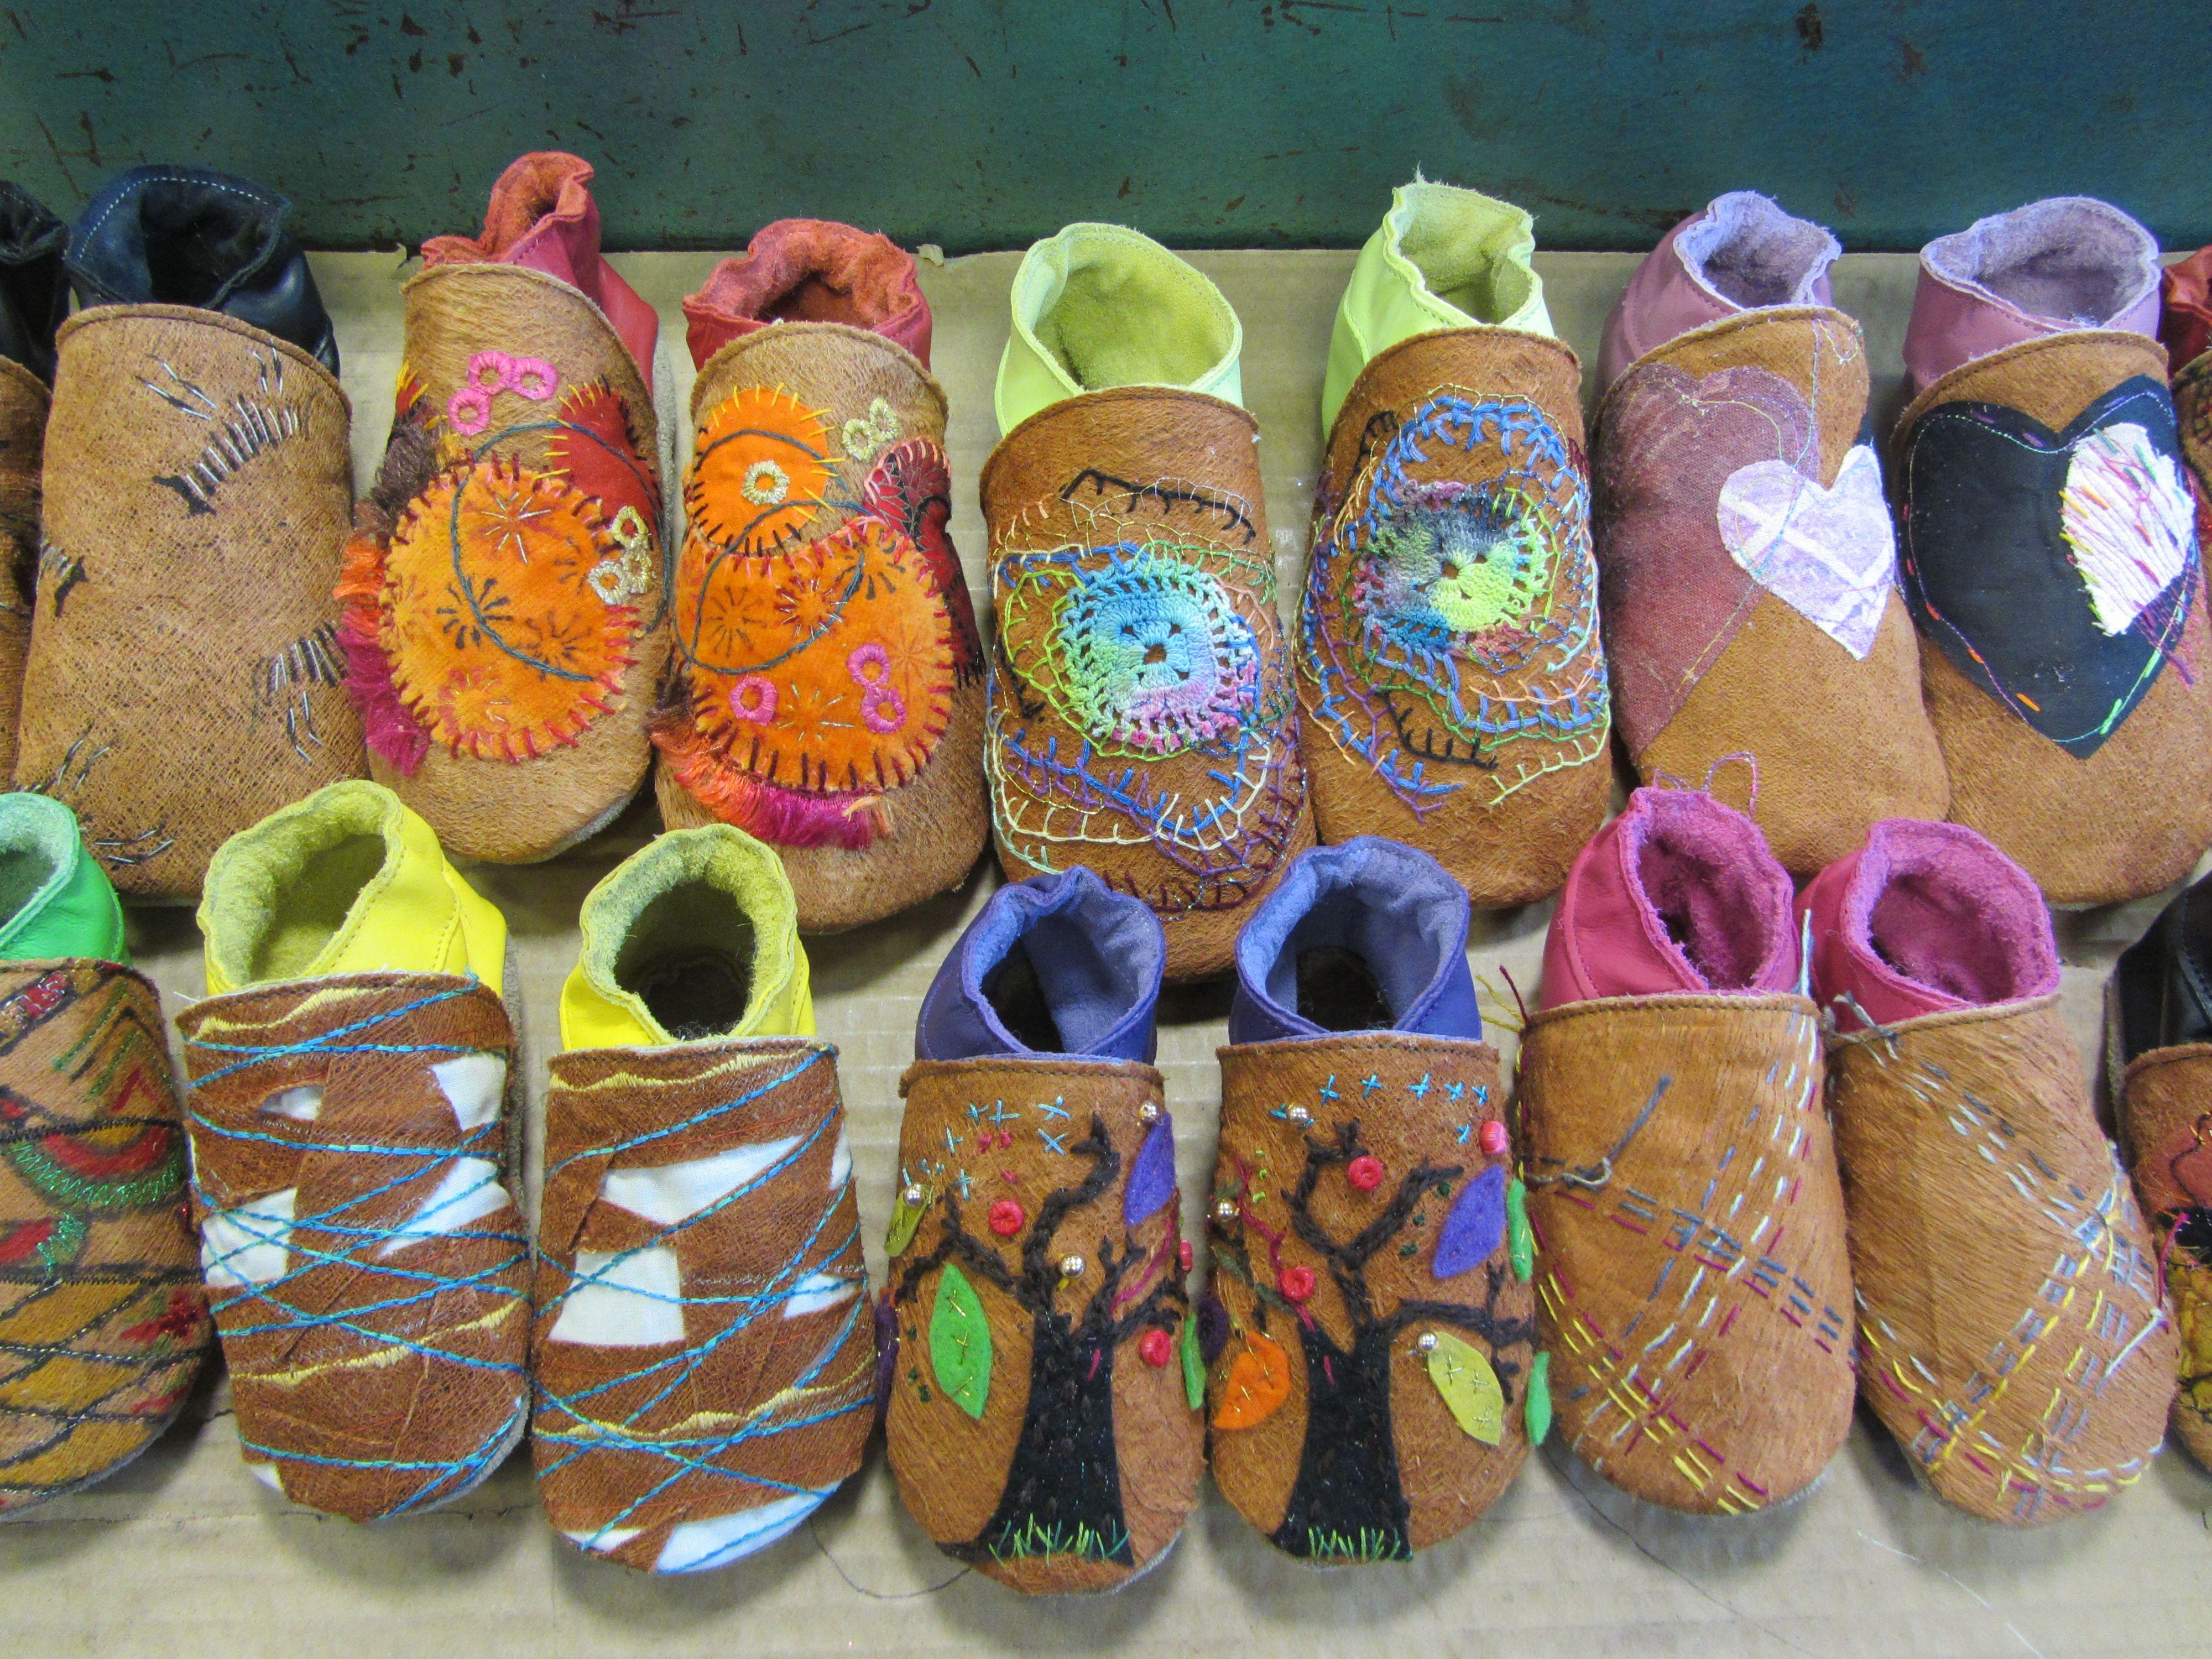 Barkcloth baby shoes www.starchildshoes.co.uk